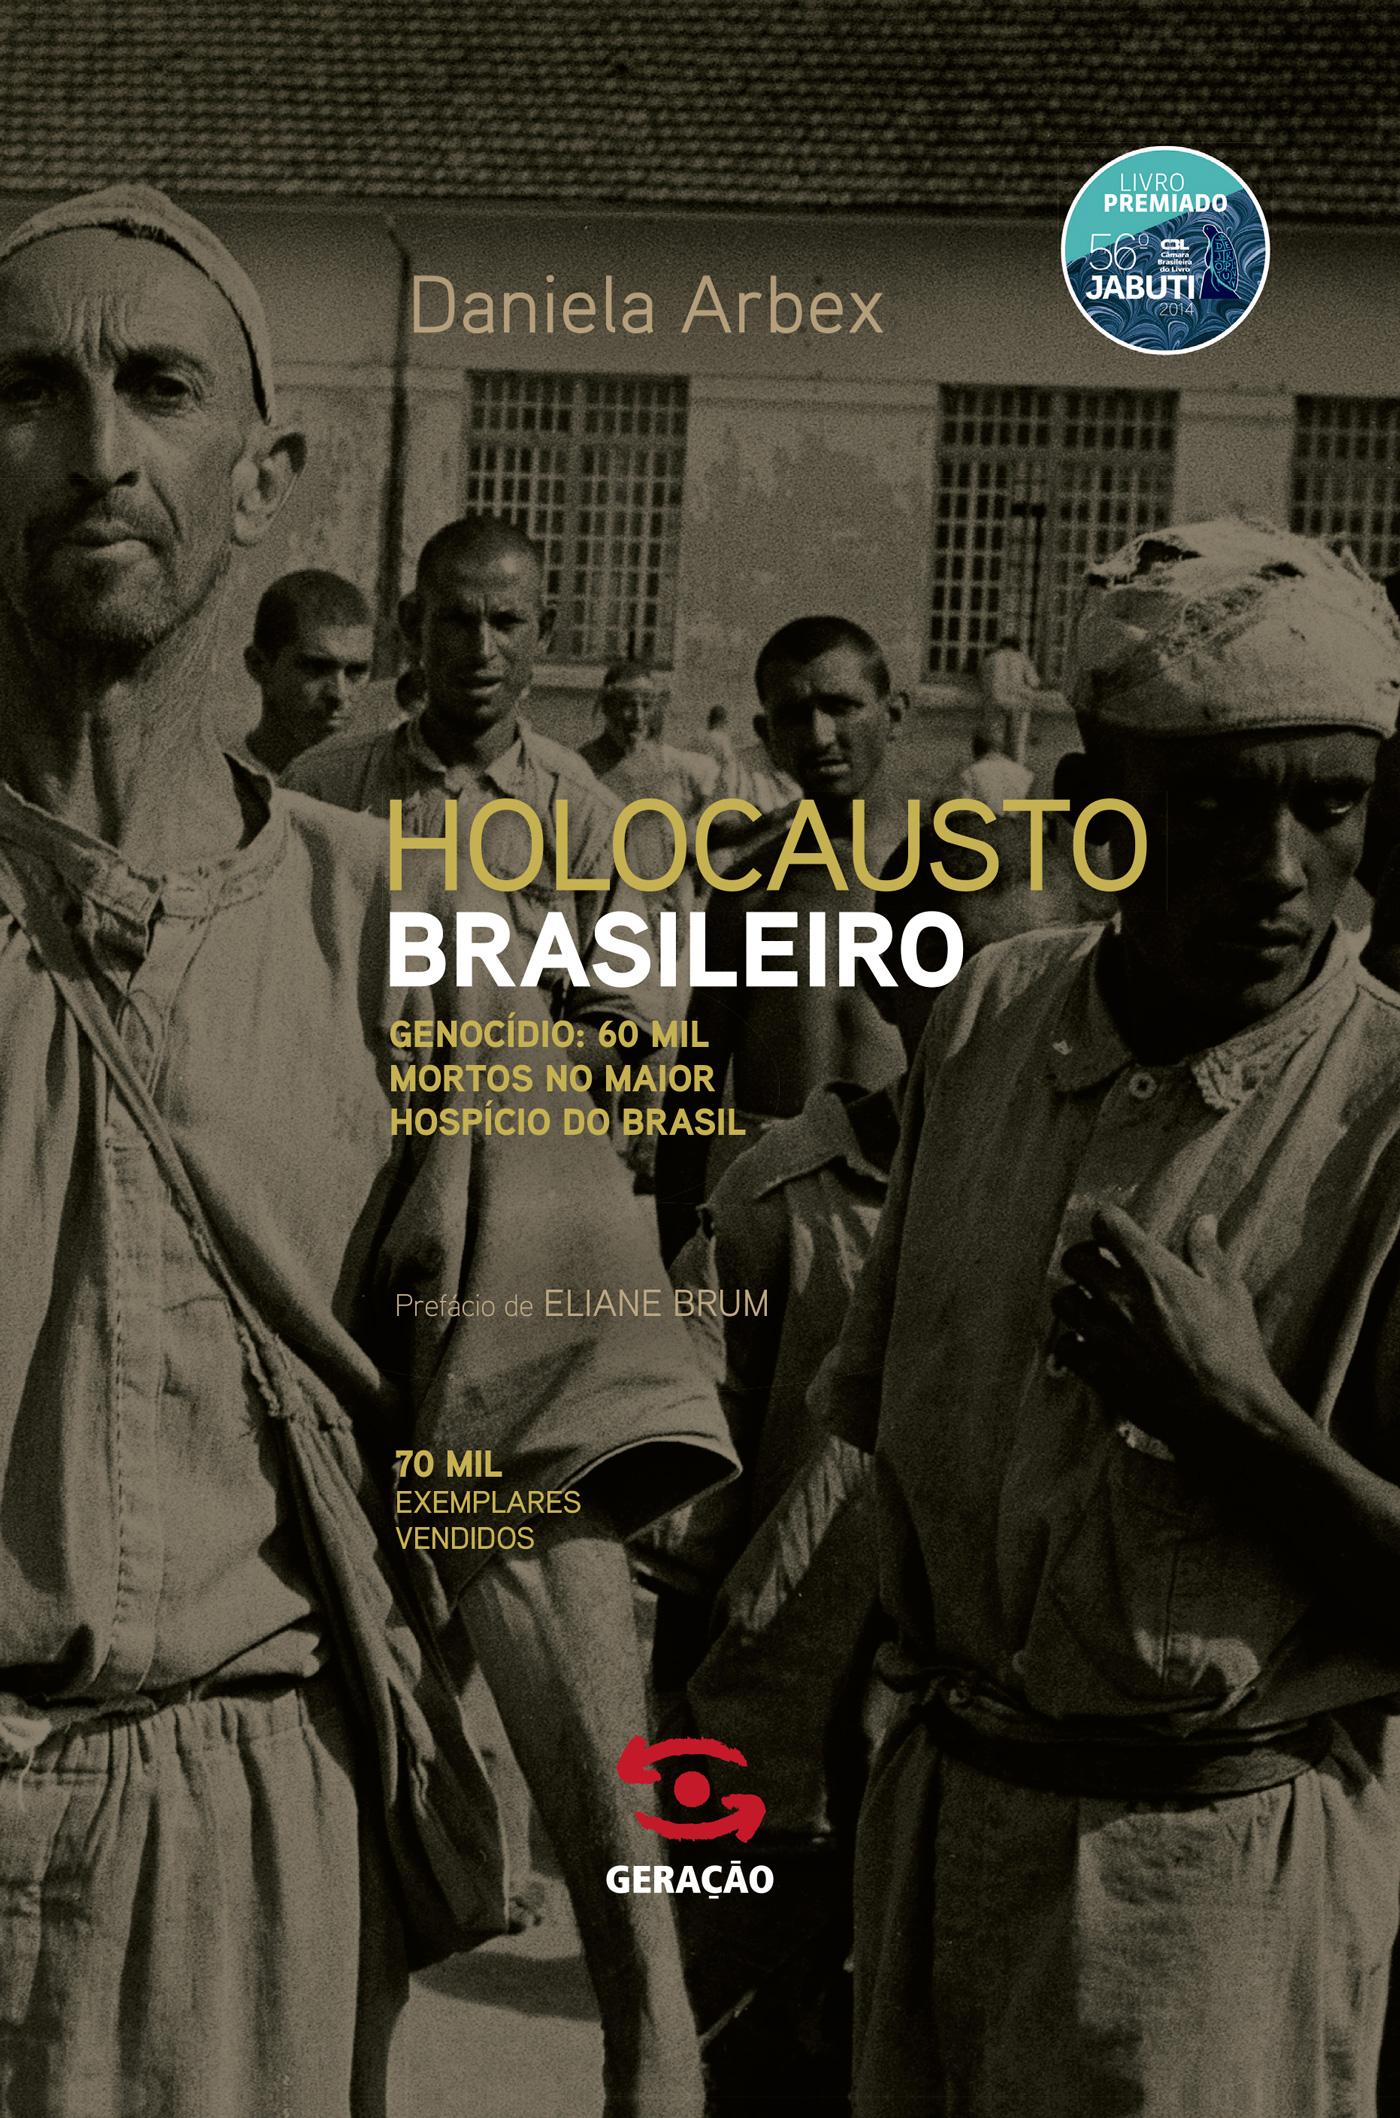 Holocausto Brasileiro: Vida Genocídio e 60 Mil Mortes no Maior Hospício do Brasil, livro de Daniela Arbex